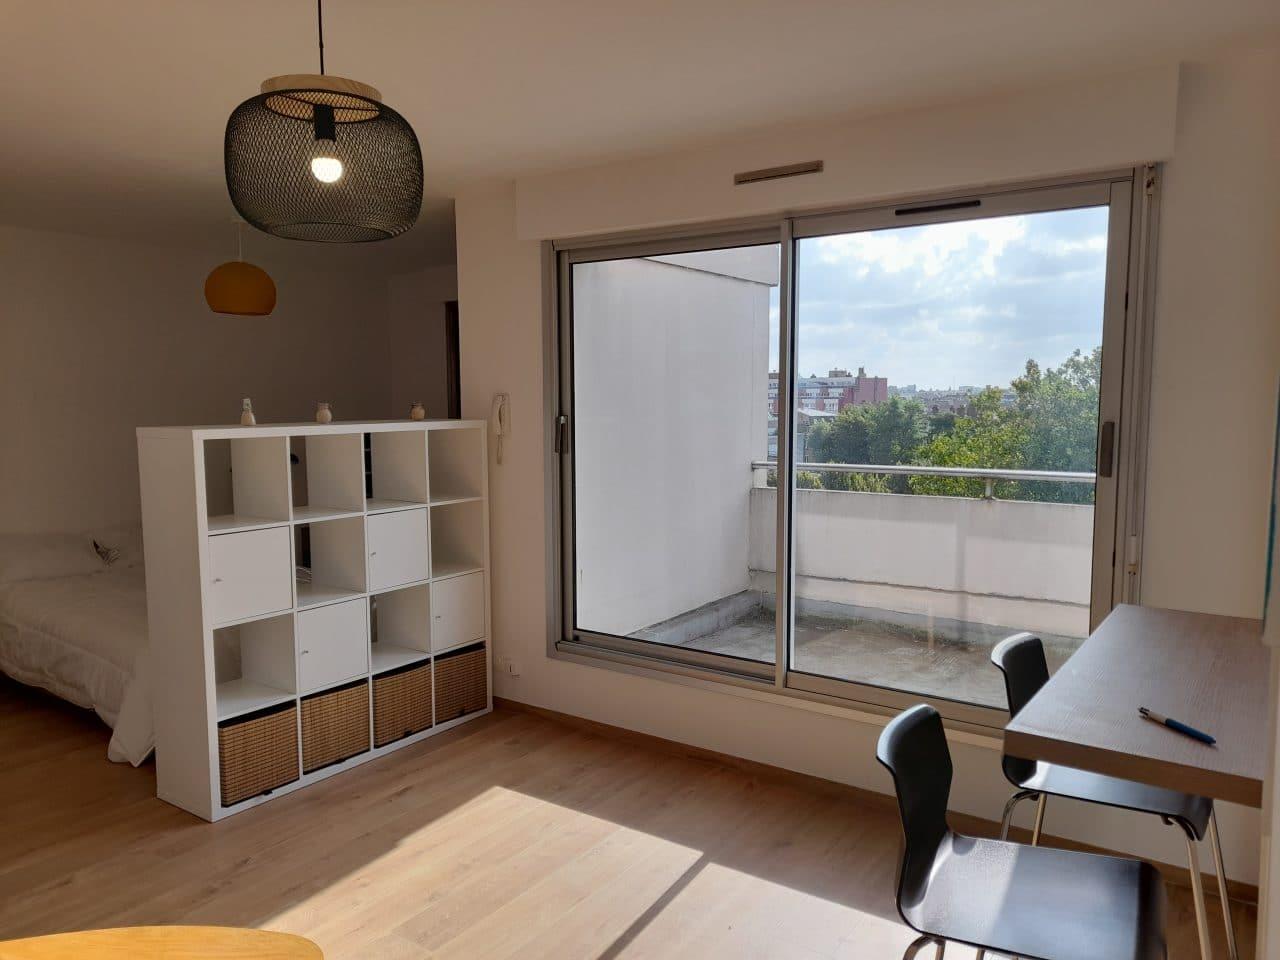 rénovation d'appartement locatif à Lille Saint-Maurice - baie vitrée